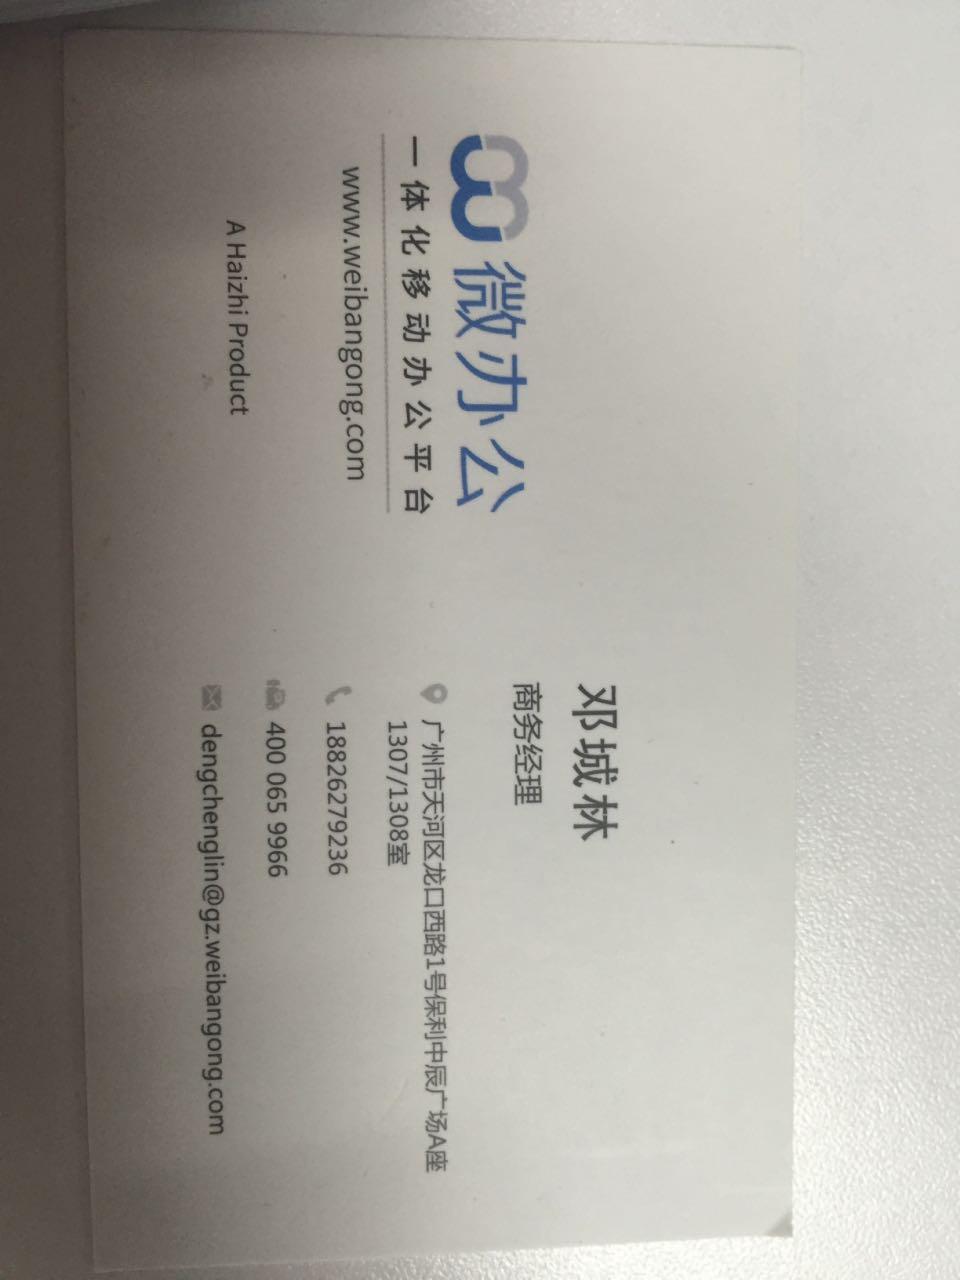 来自邓城林发布的供应信息:一体化移动办公管理平台... - 微办公 一体化移动办公平台